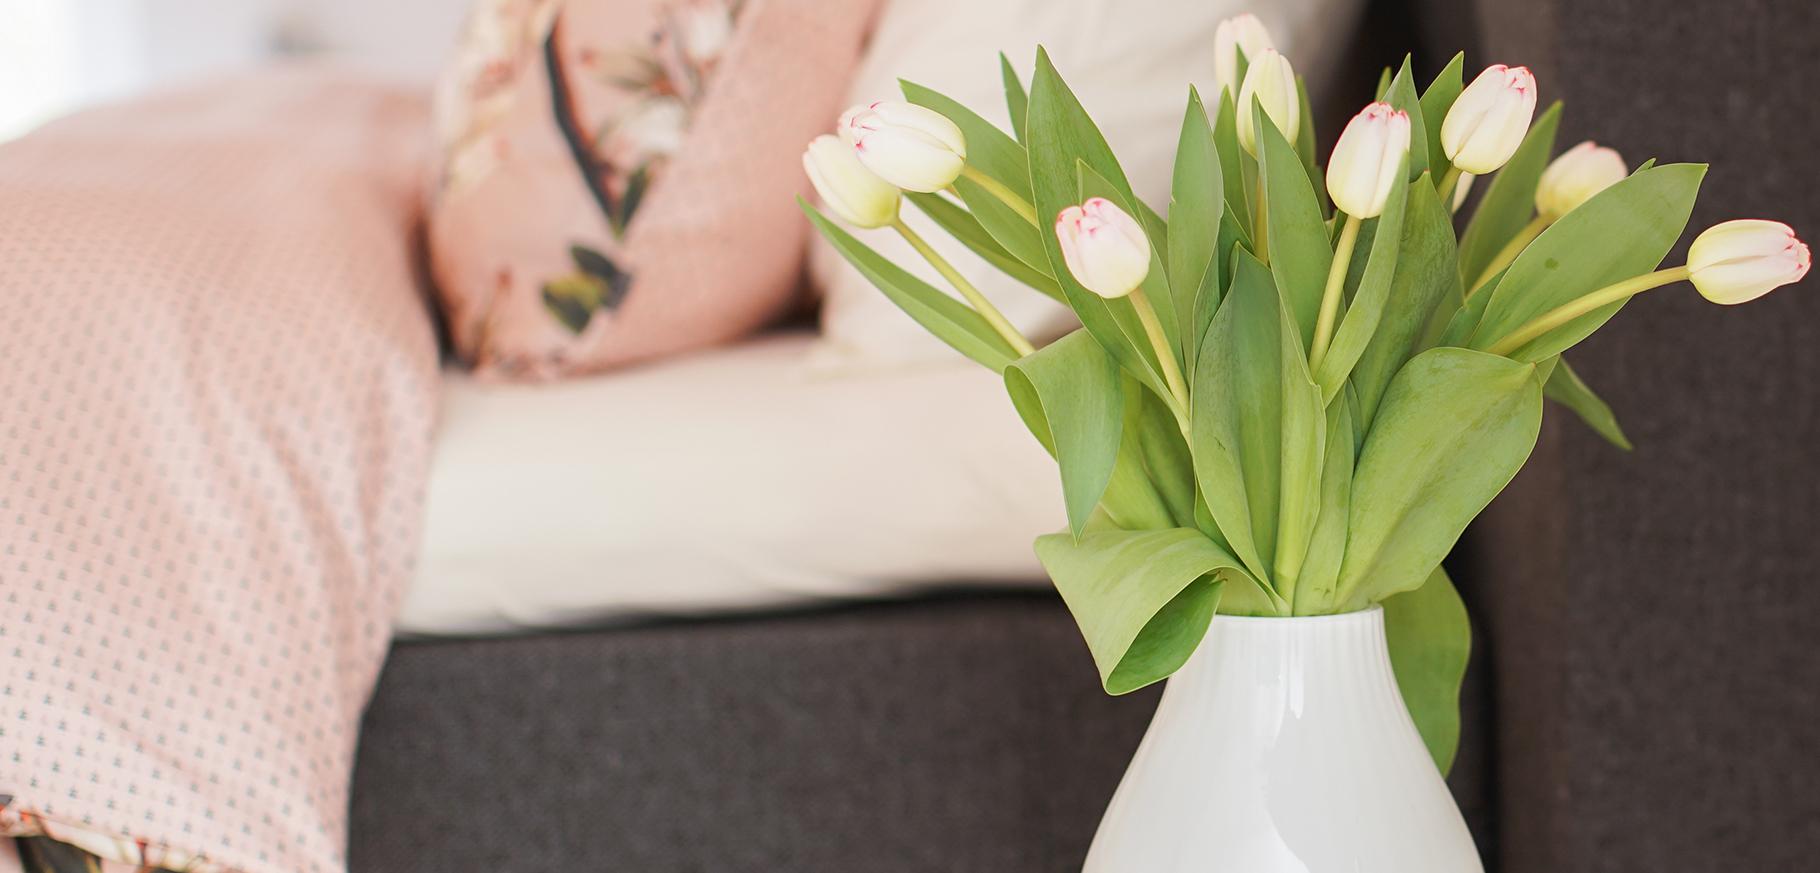 vaas bloemen op nachtkastje